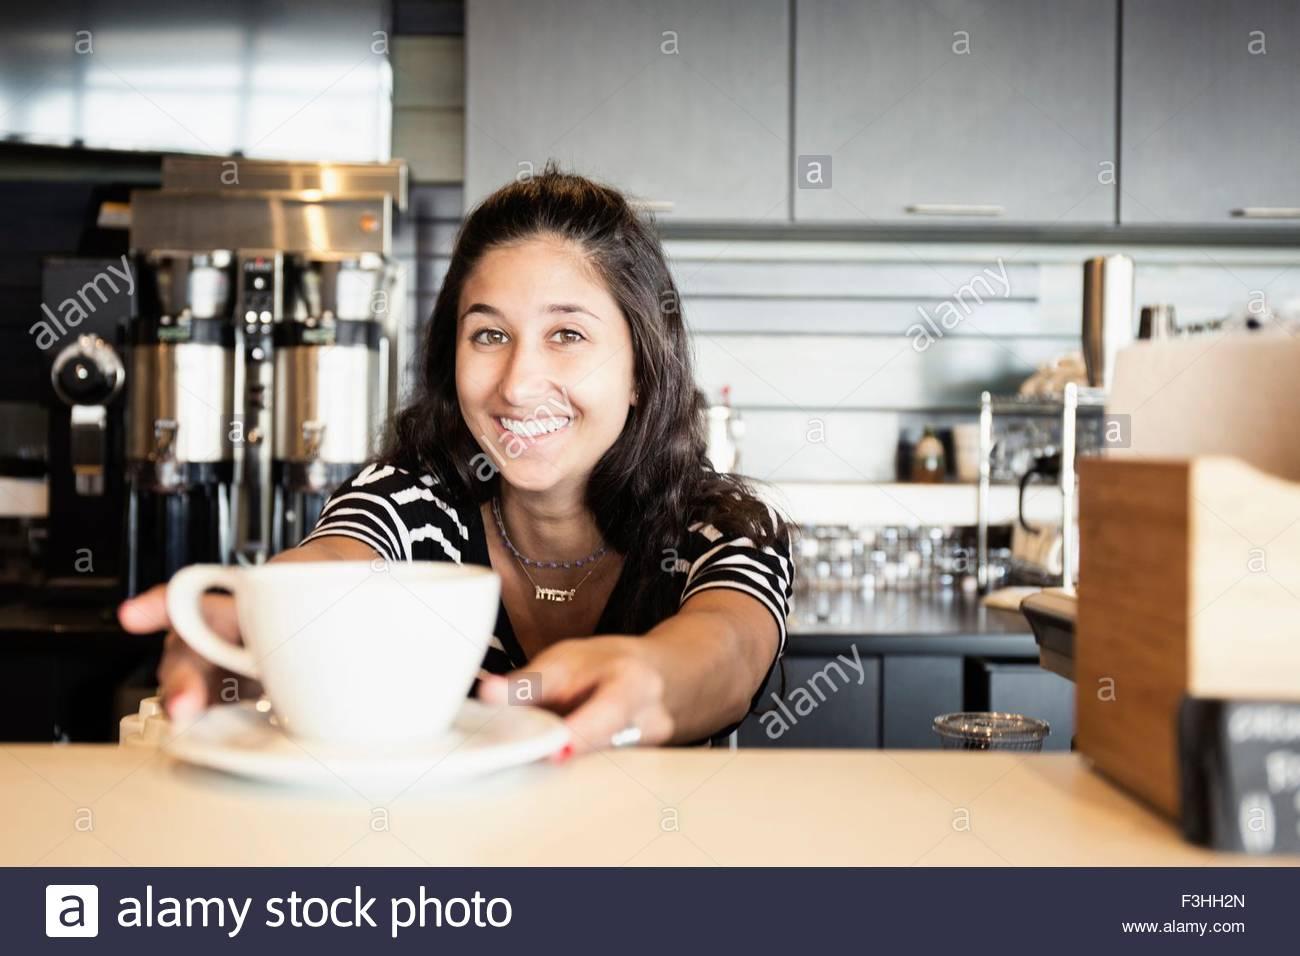 Servir le café barista coffee shop Photo Stock